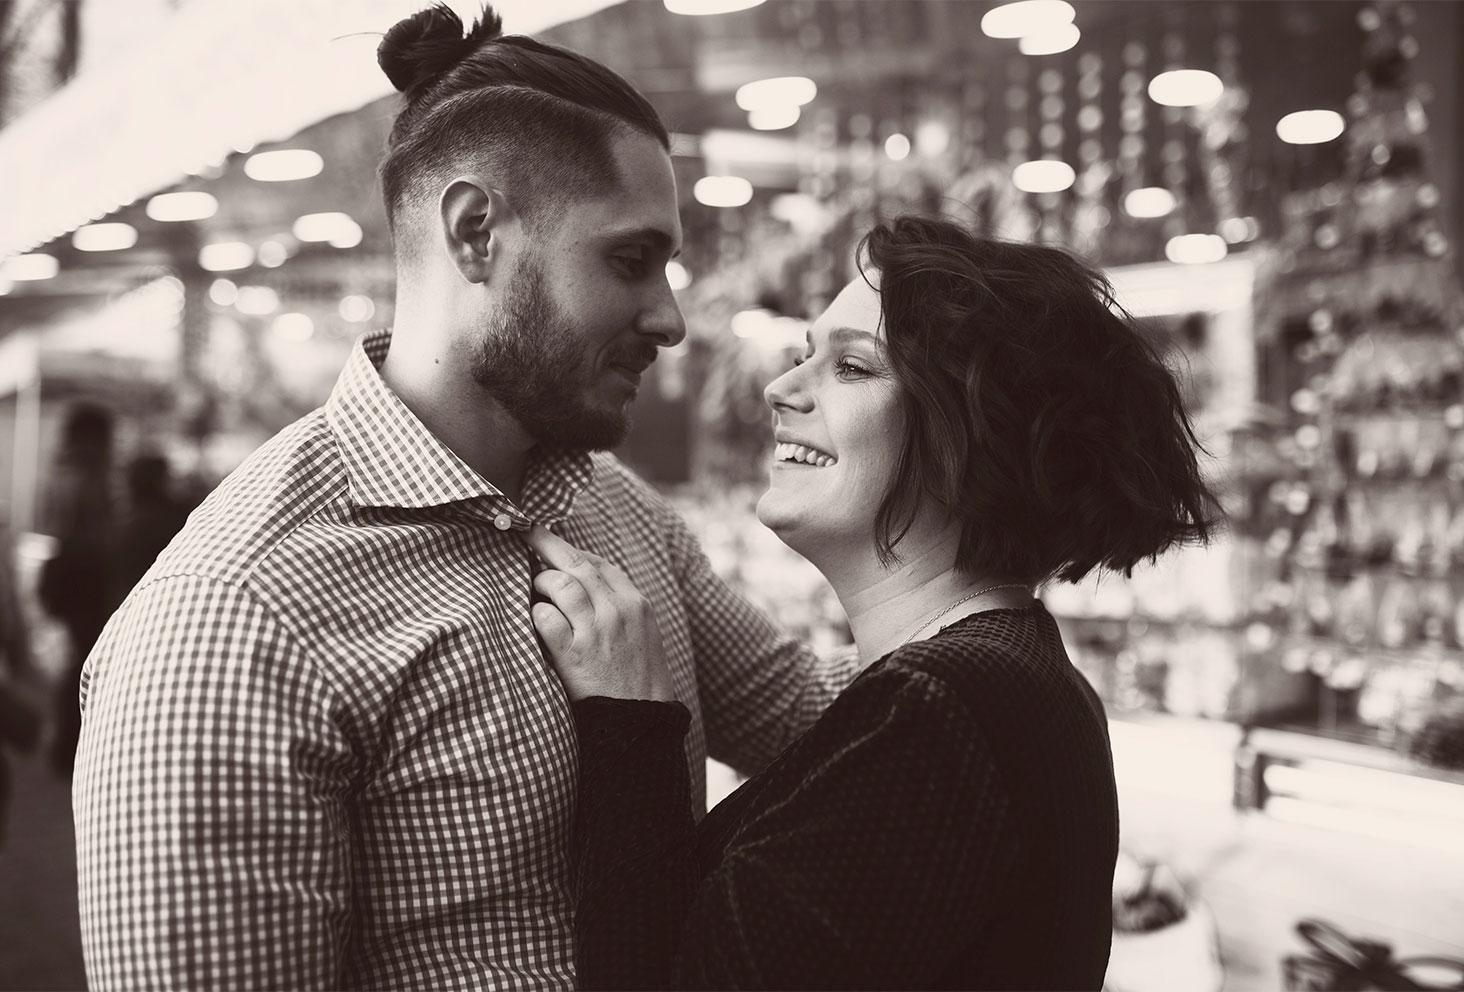 En amoureux devant les illuminations de Noël, avec le sourire, en tenues de fêtes en noir et blanc